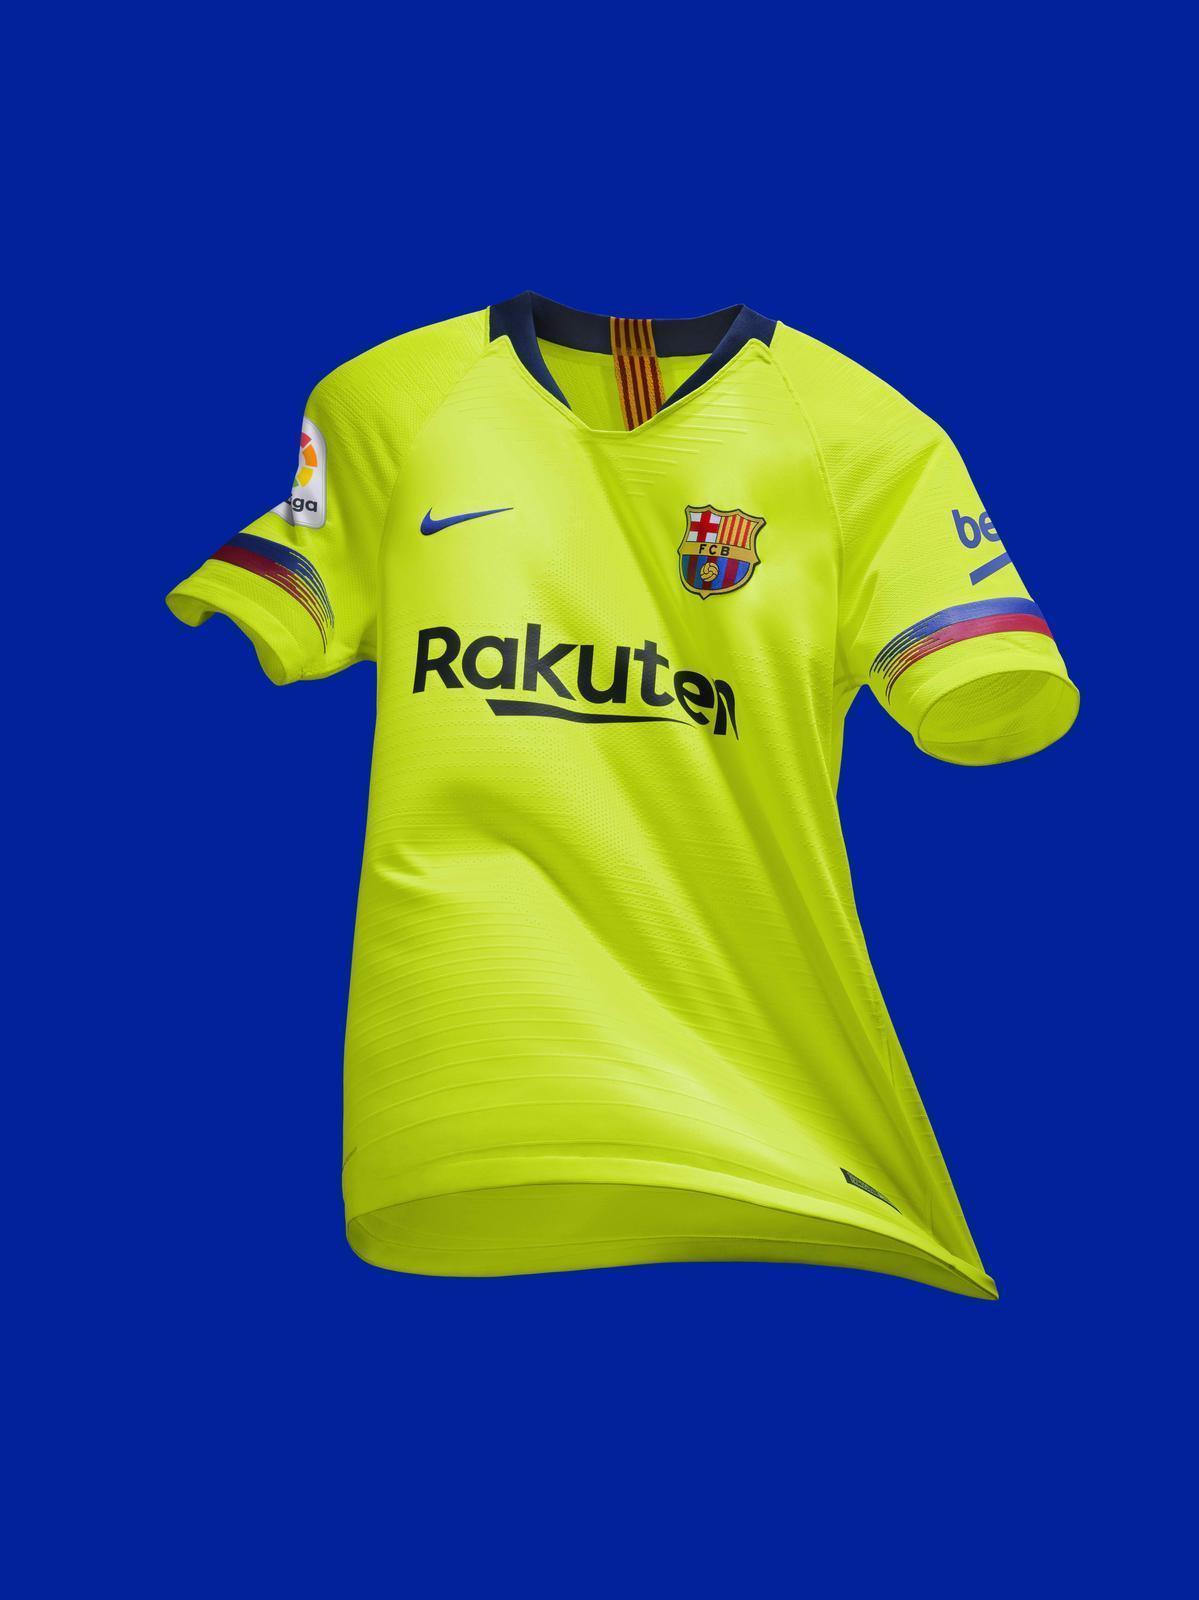 4ded2d5e983 NIKE LUIS SUAREZ FC BARCELONA AUTHENTIC VAPOR MATCH AWAY JERSEY 2018/19.